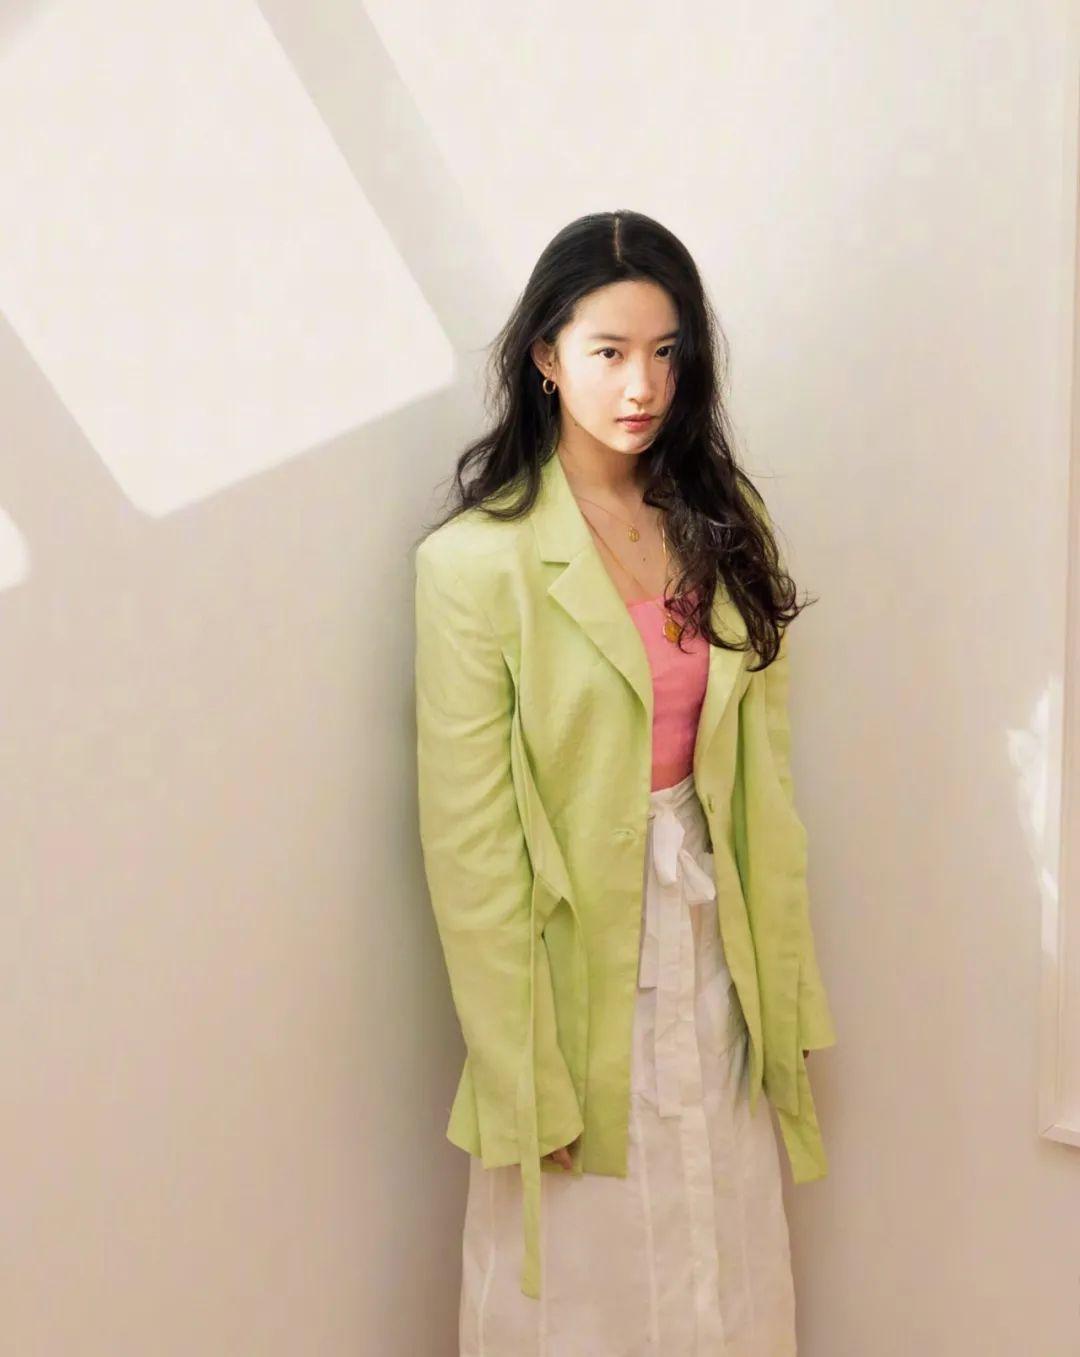 妹子写真 – 刘亦菲和佟丽娅,这个年纪的知性美!_图片 No.13